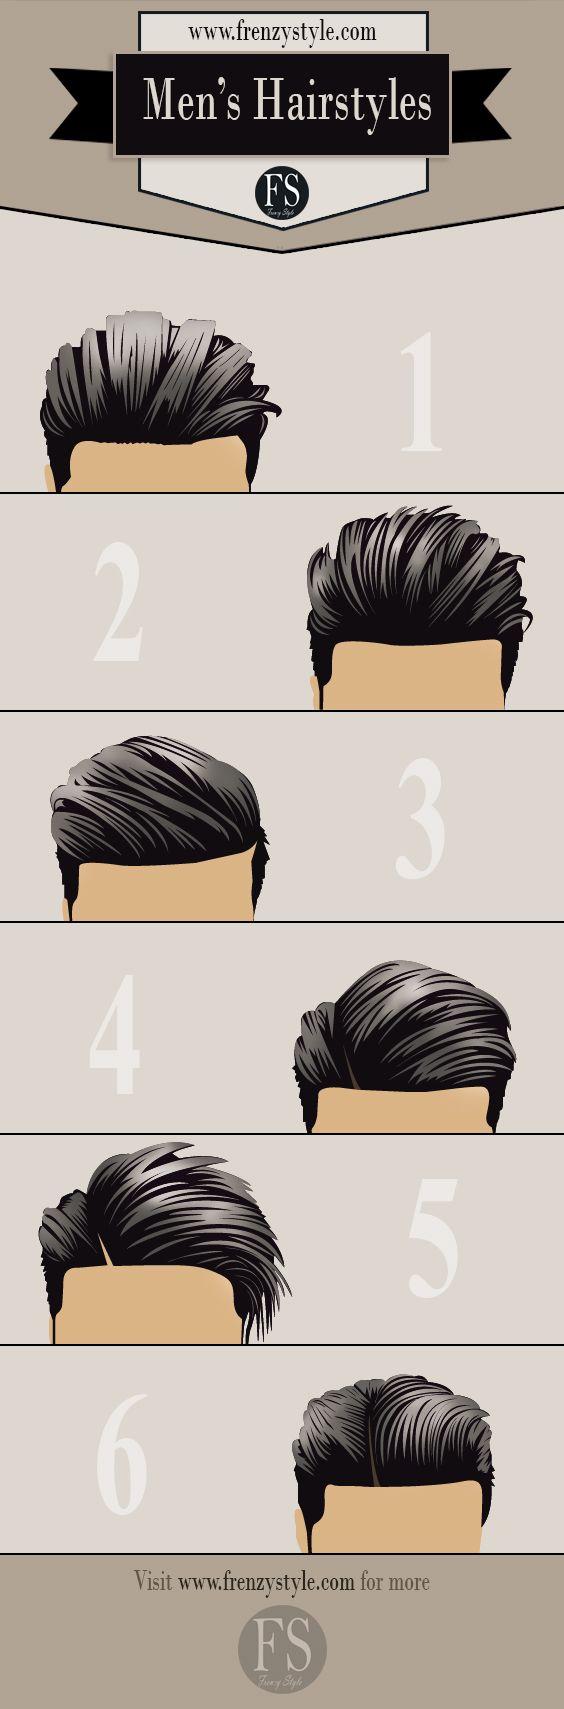 Los peinados más populares (y con estilo) para hombres.